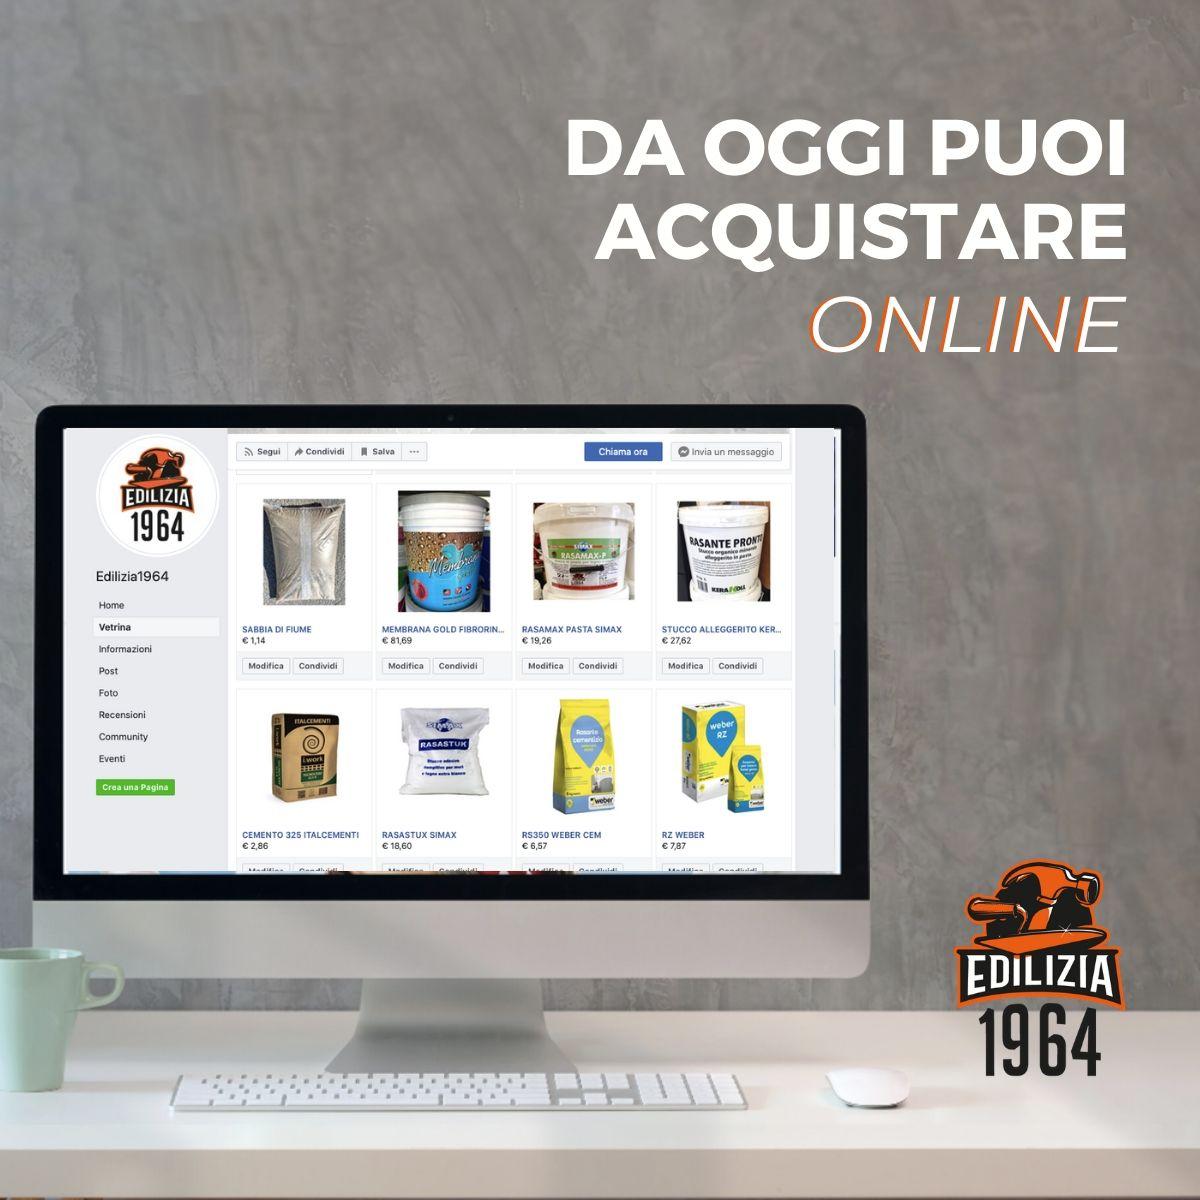 Da oggi puoi acquistare online